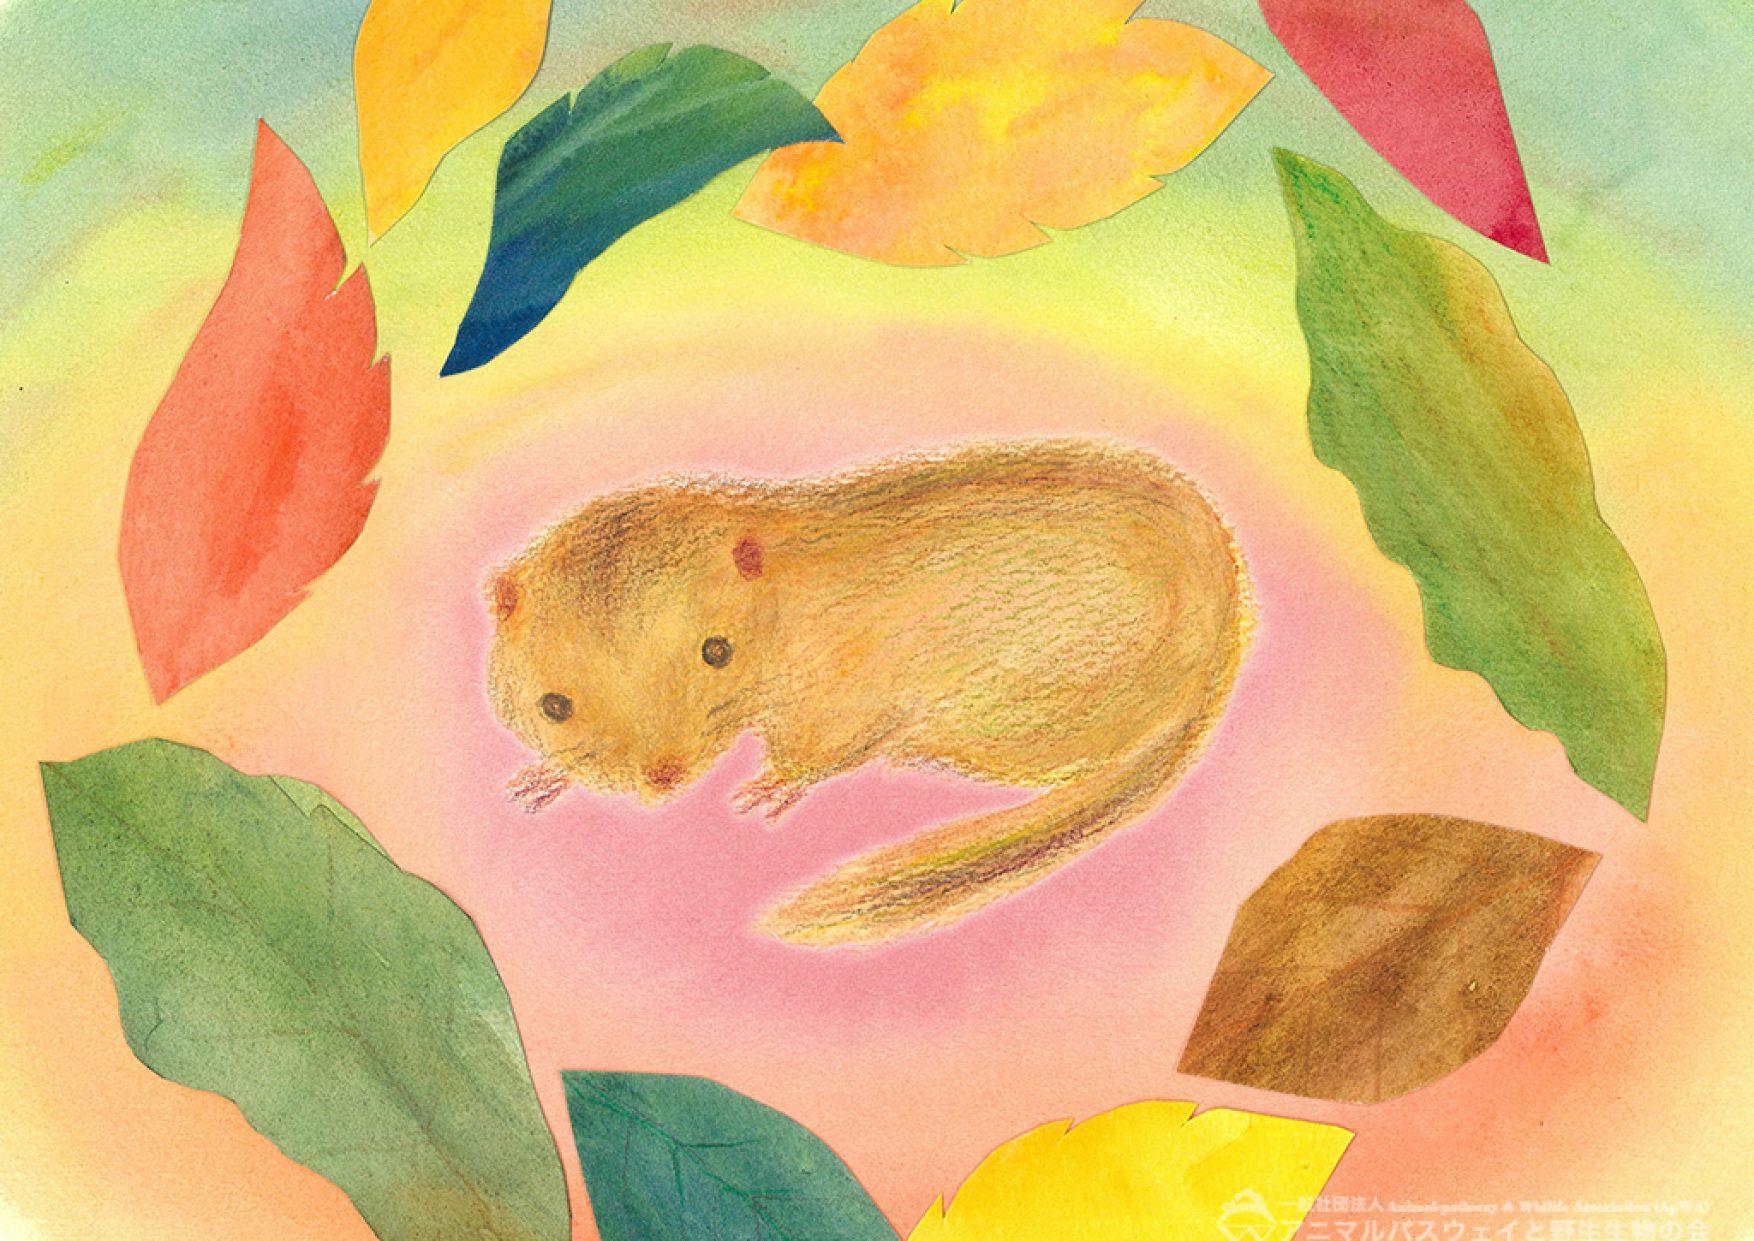 アニマルパスウェイと野生生物の会|かべ紙